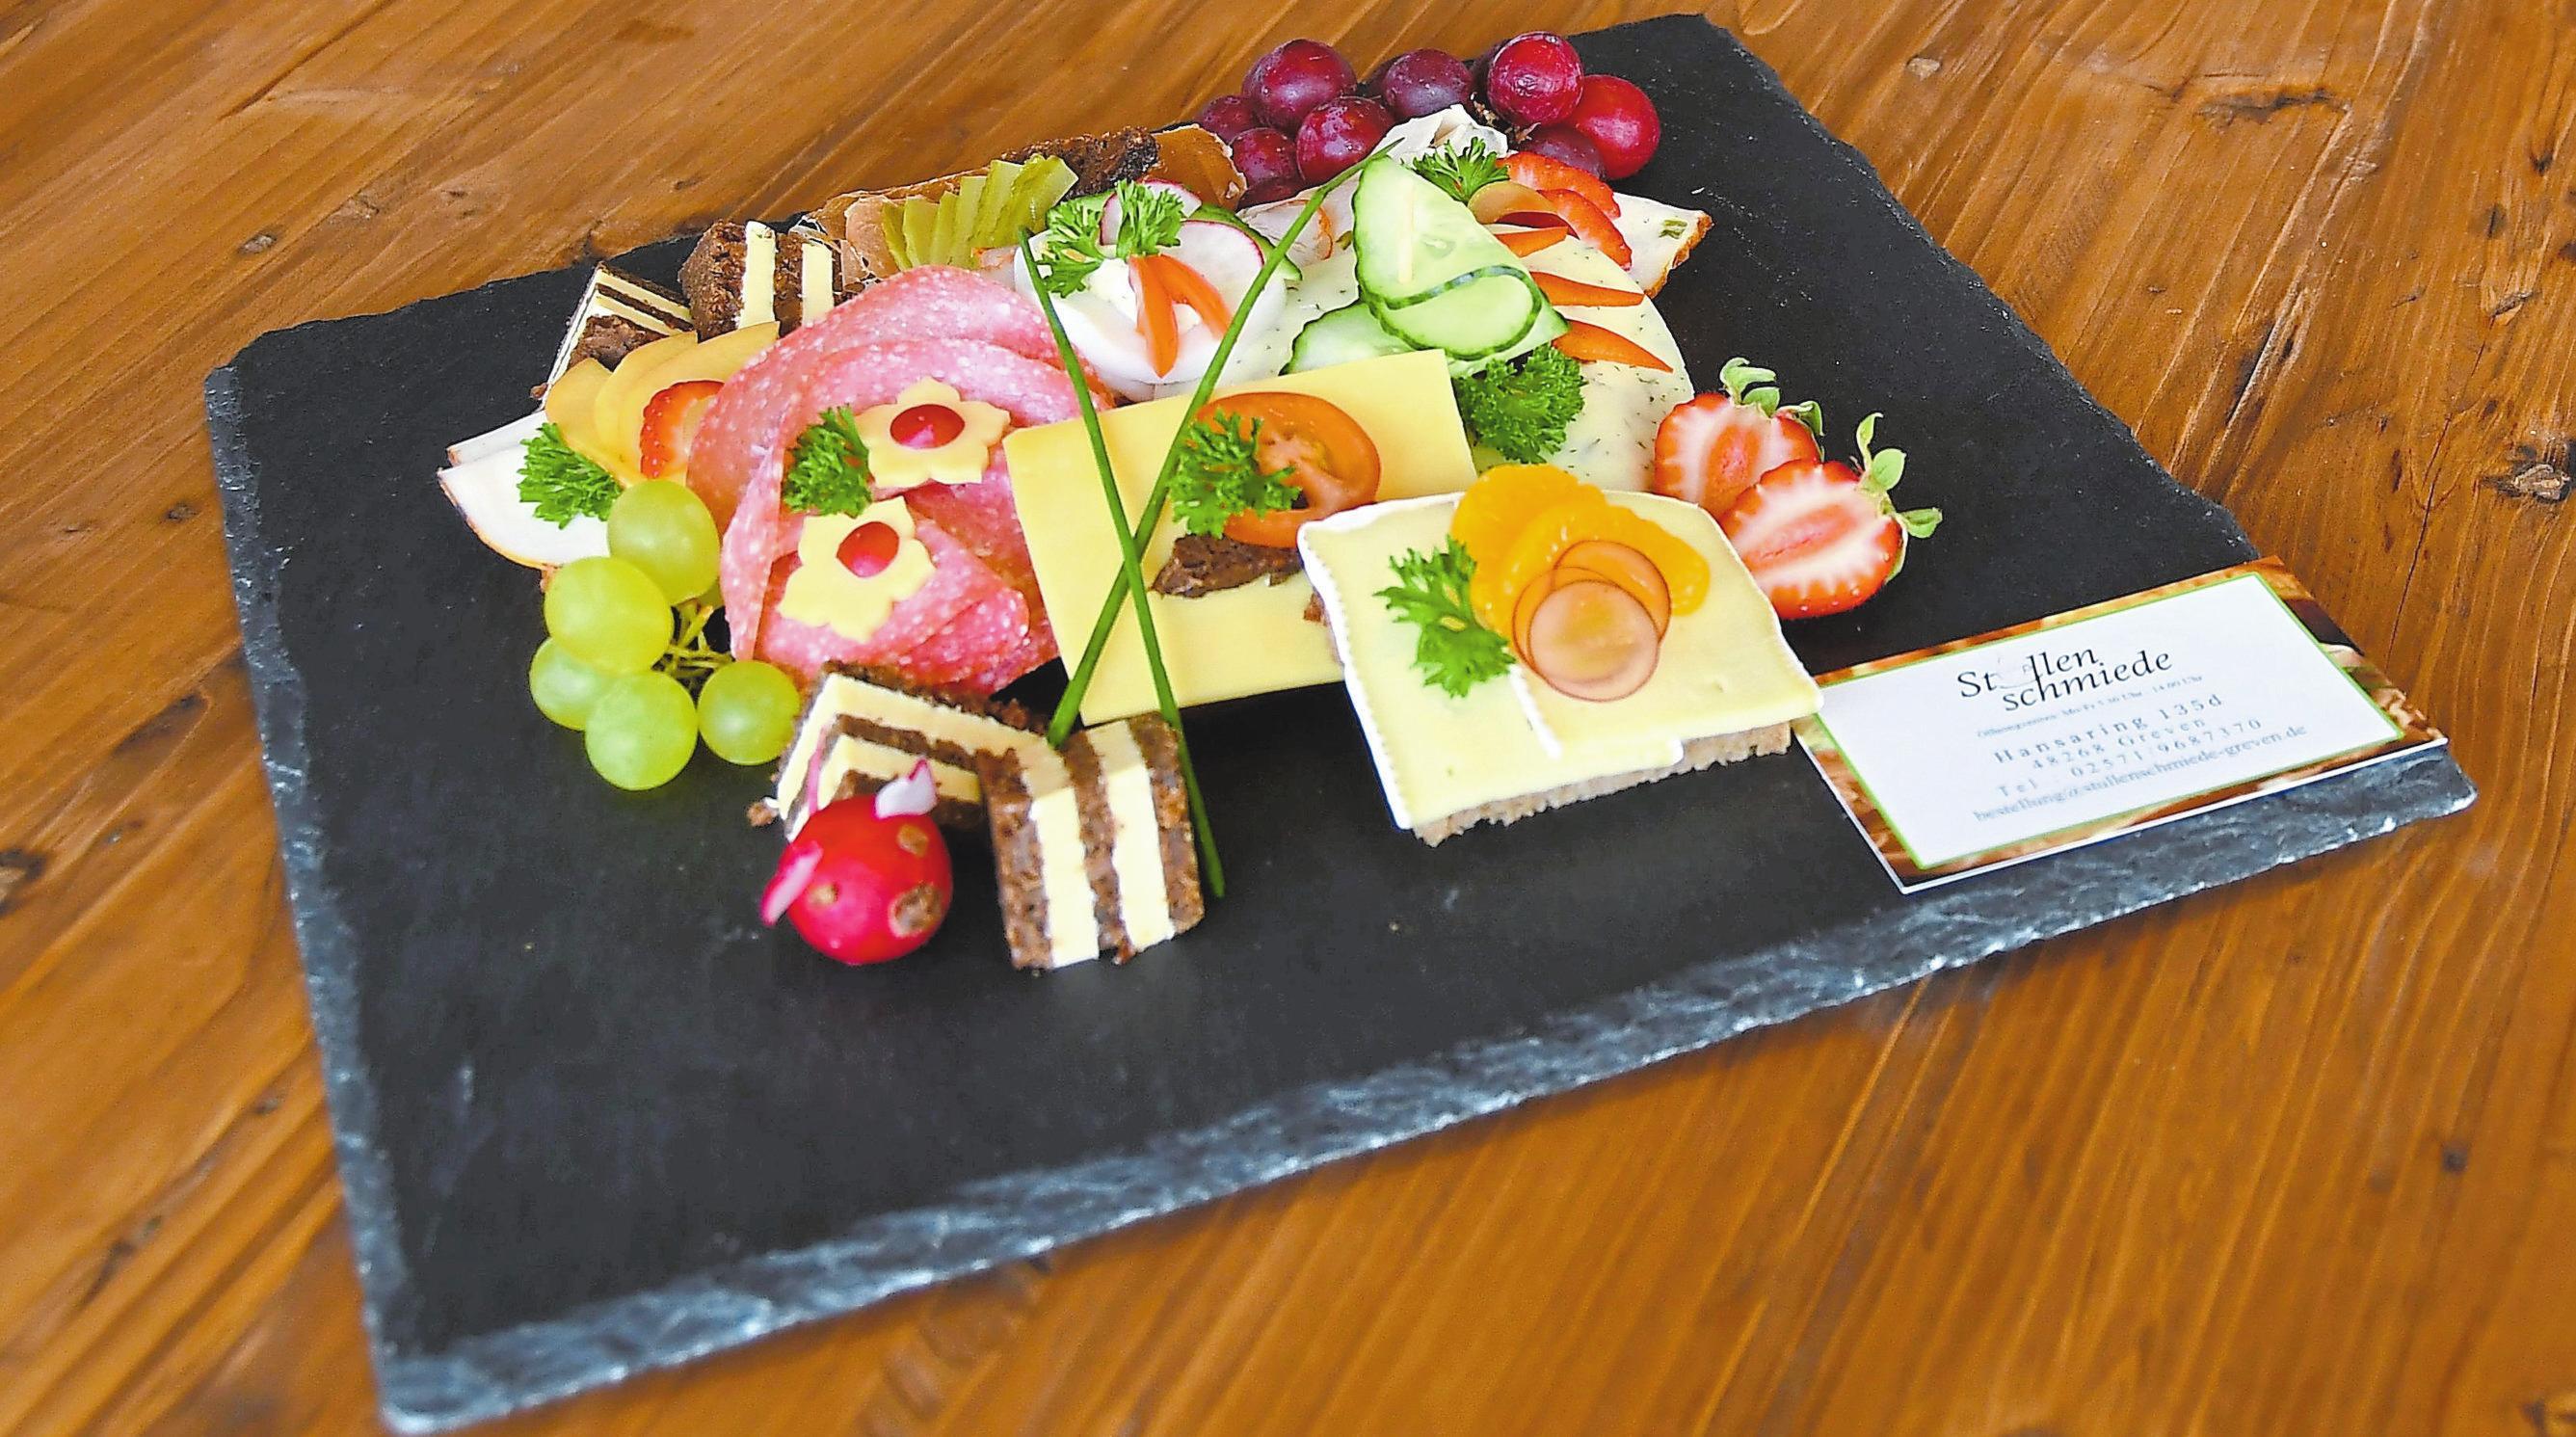 Frühstück, Catering und Lieferservice Image 2